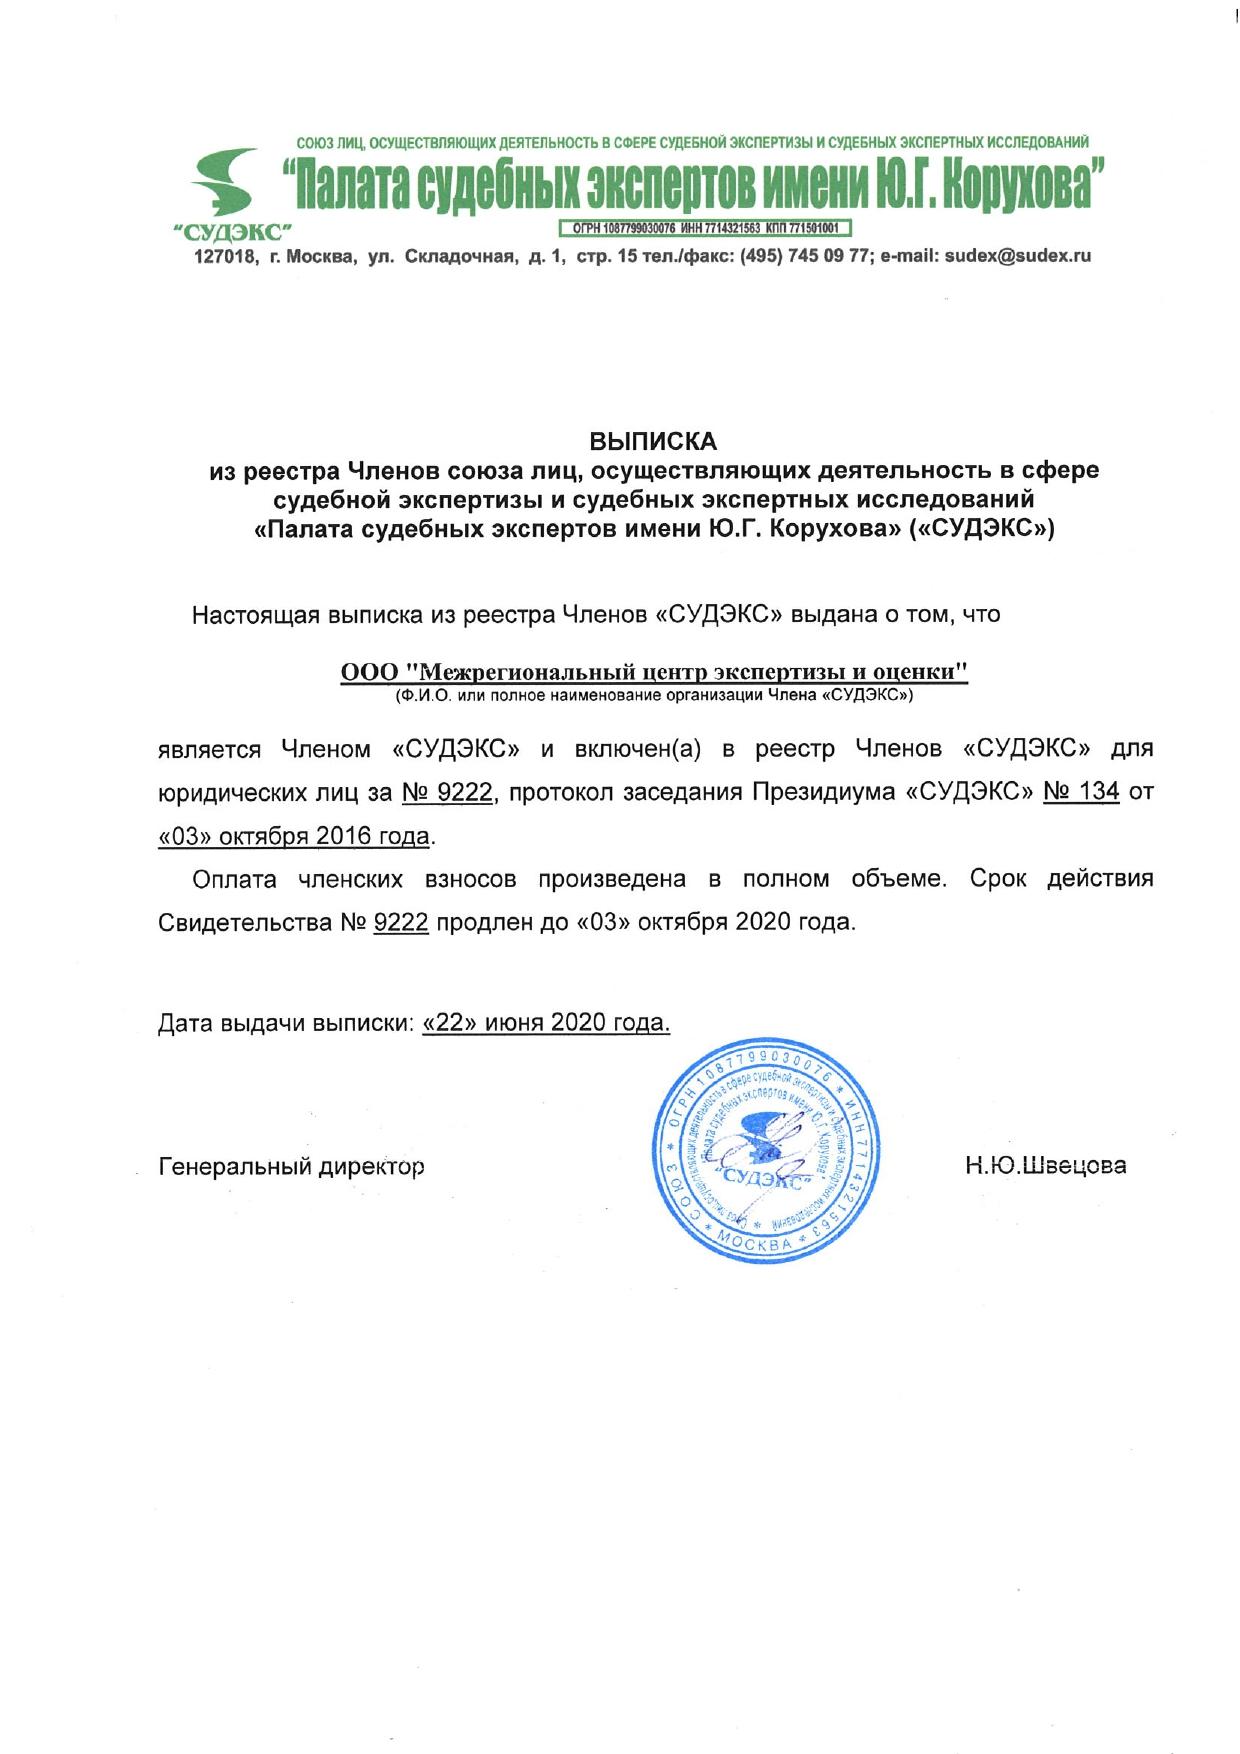 Лицензии, сертификаты, свидетельства